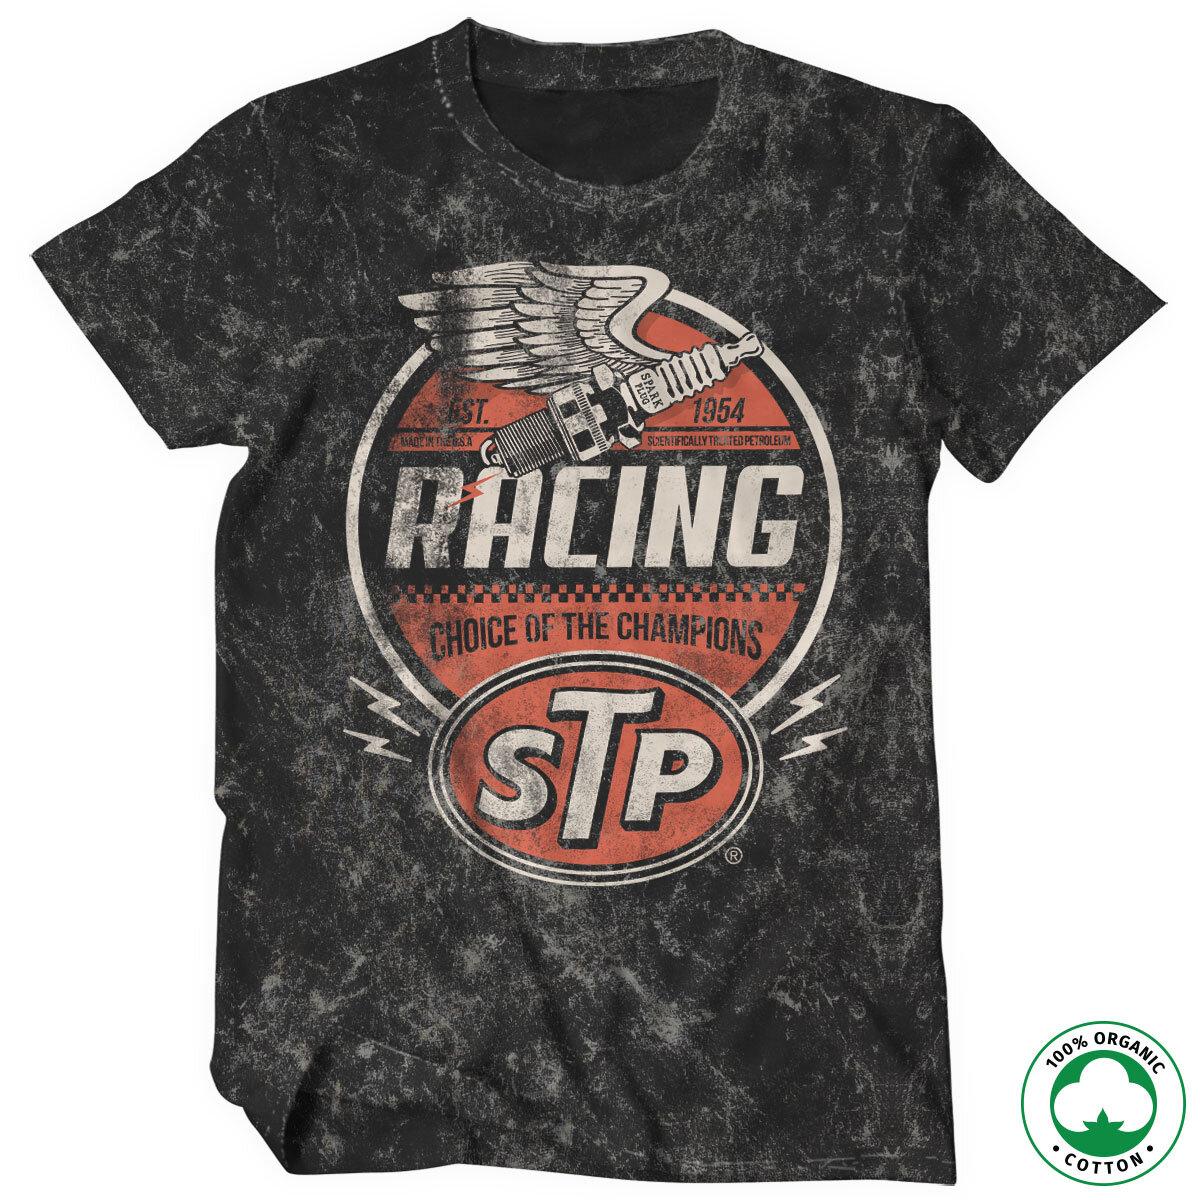 STP Vintage Racing Organic Tee